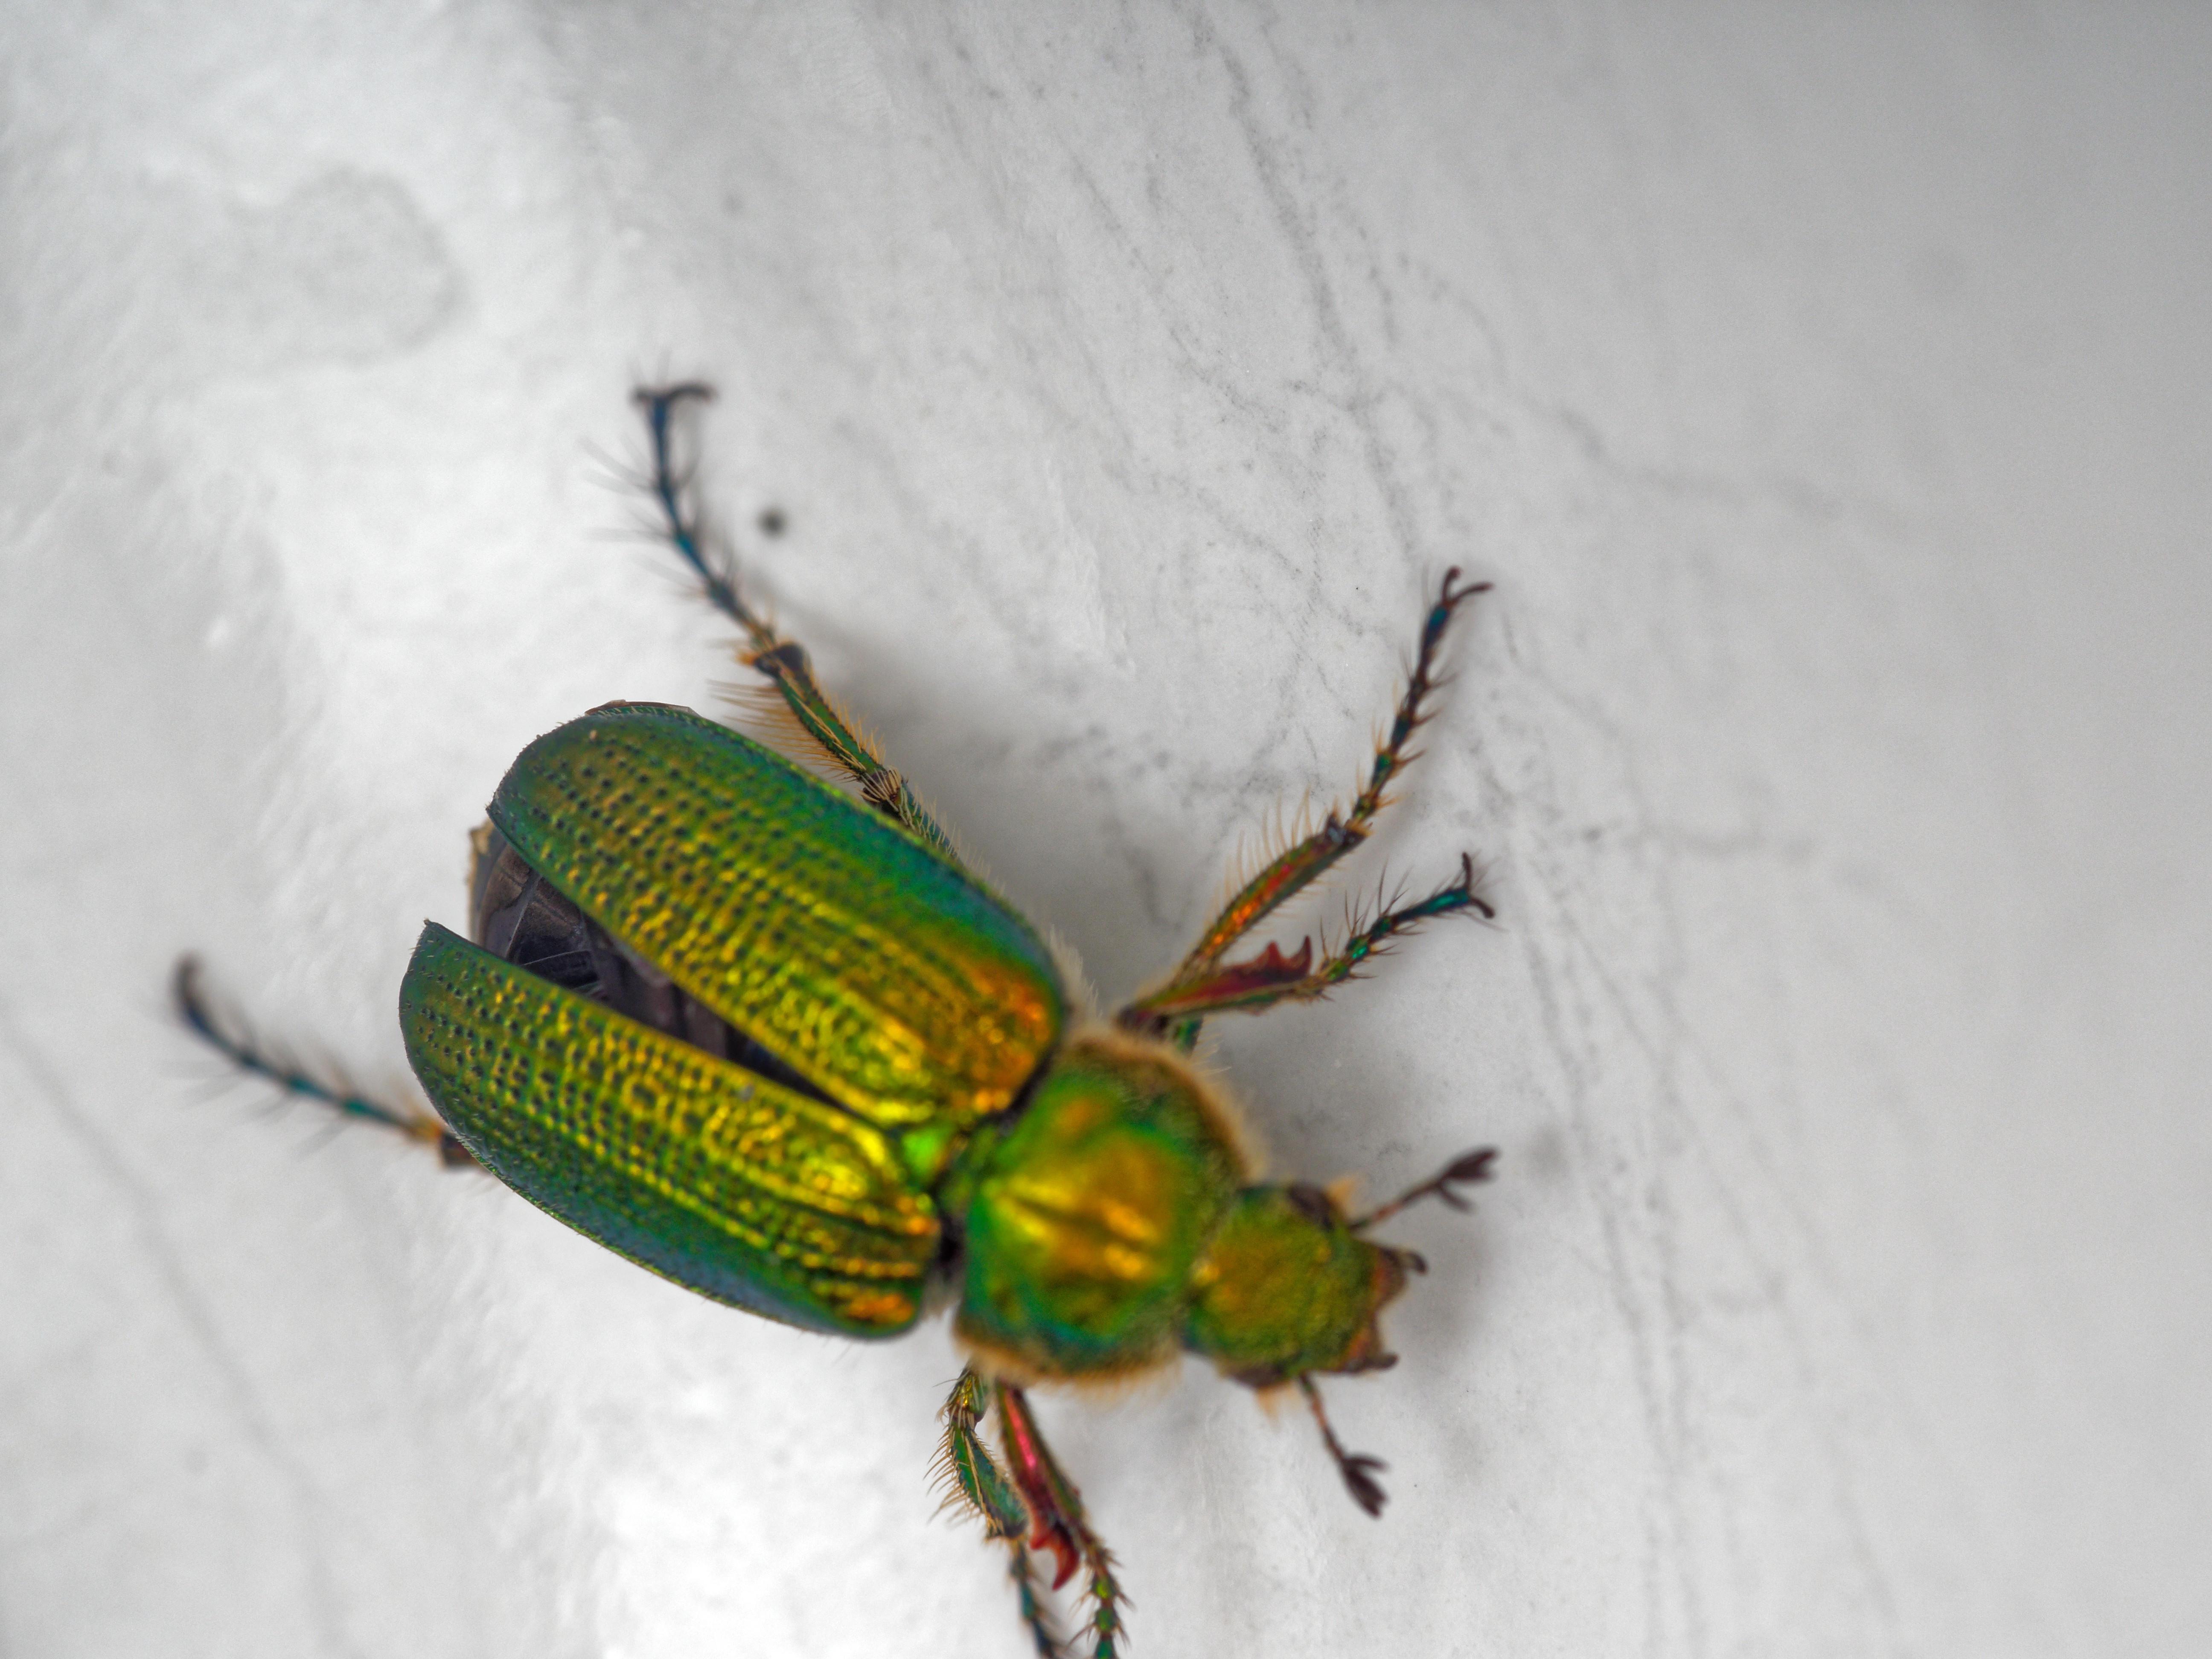 Christmas-beetle-12.jpeg